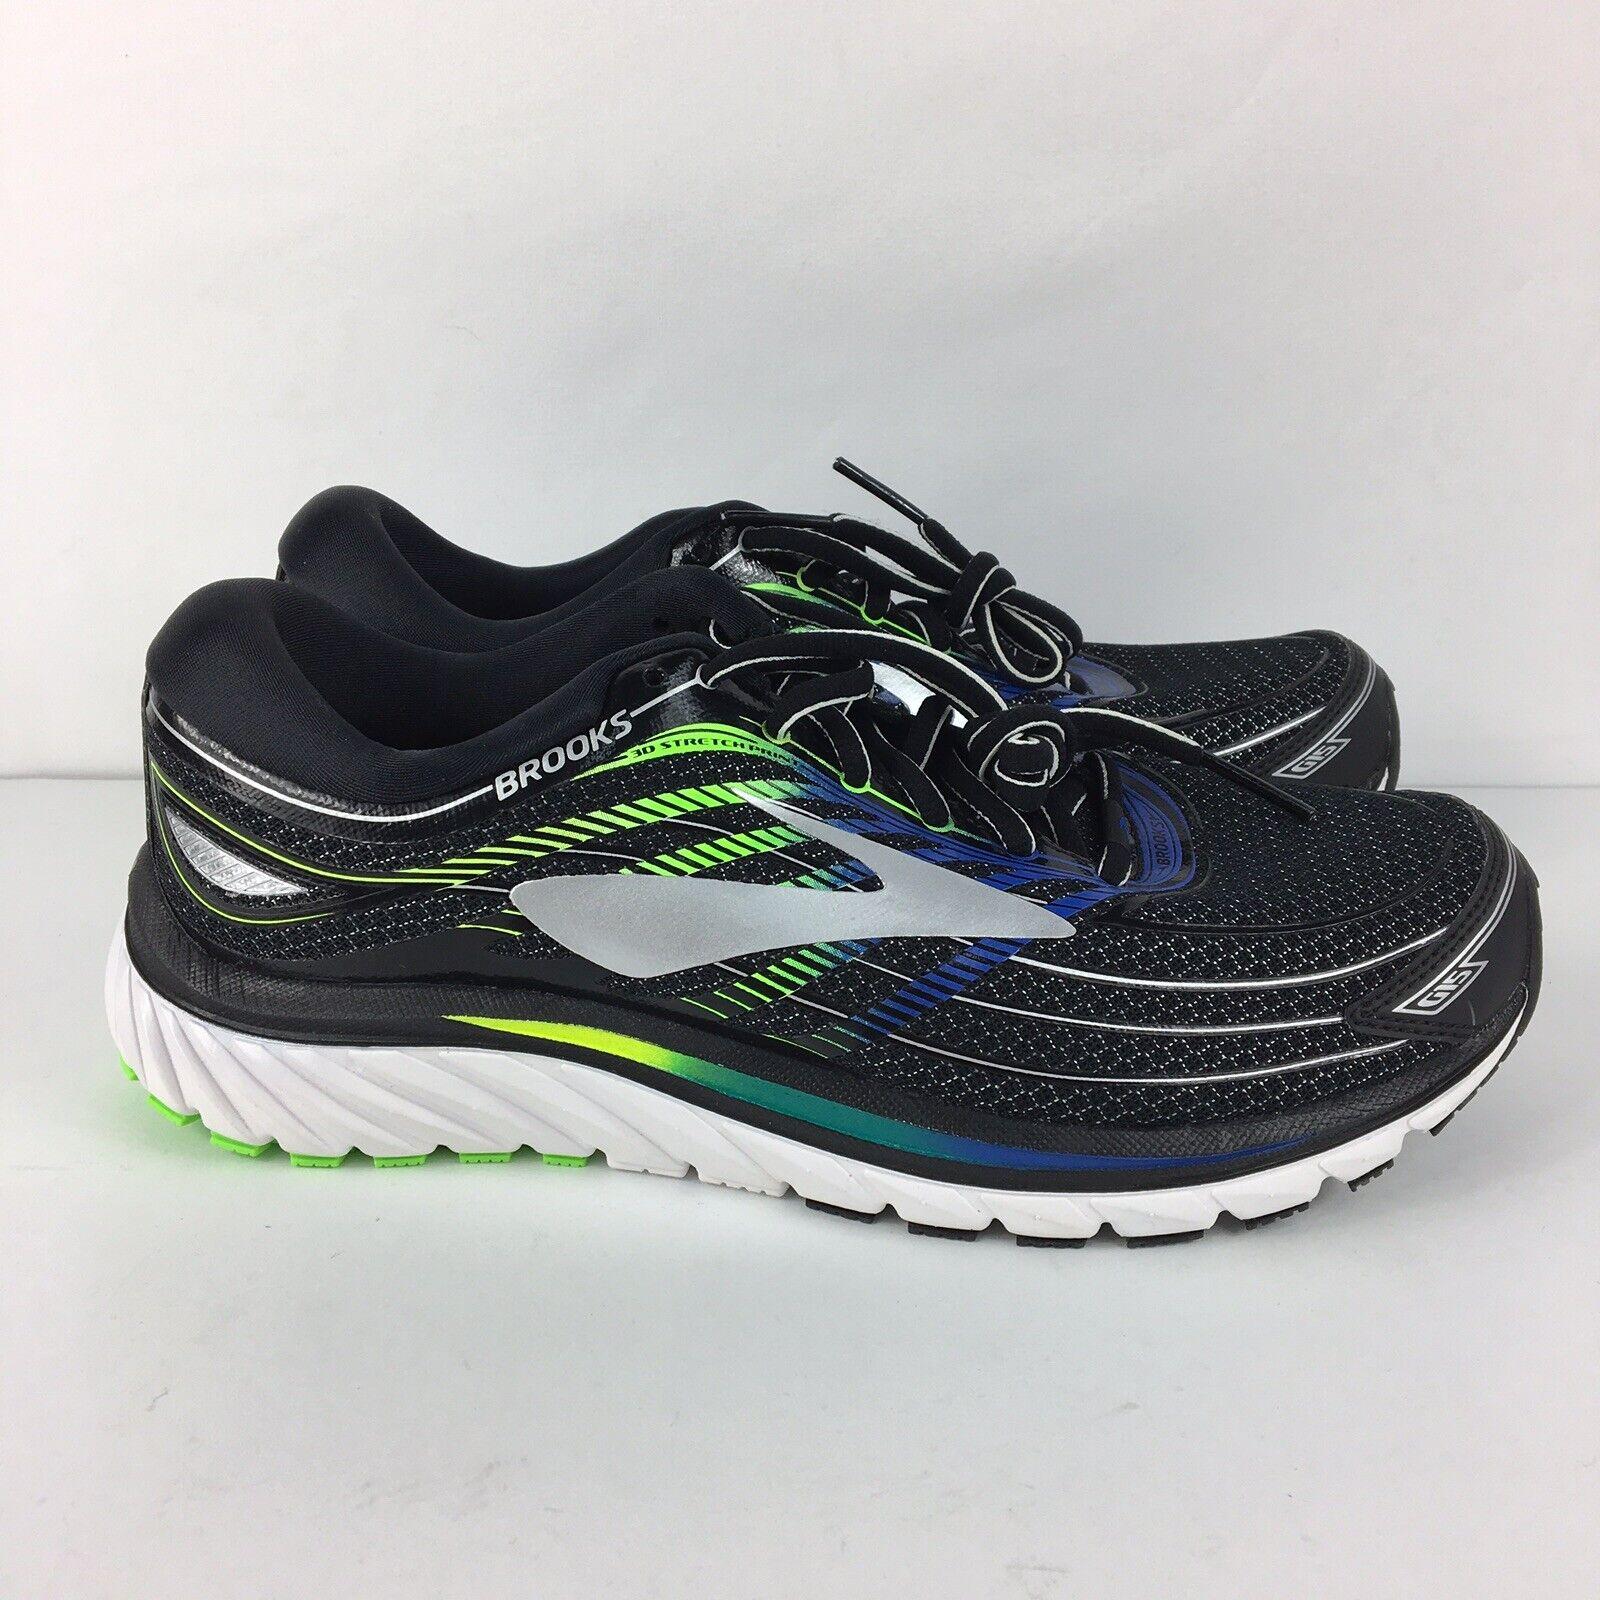 Brooks Glycerin 15 pour Homme électrique noire Brooks Bleu Vert Chaussures De Course grand 8.5